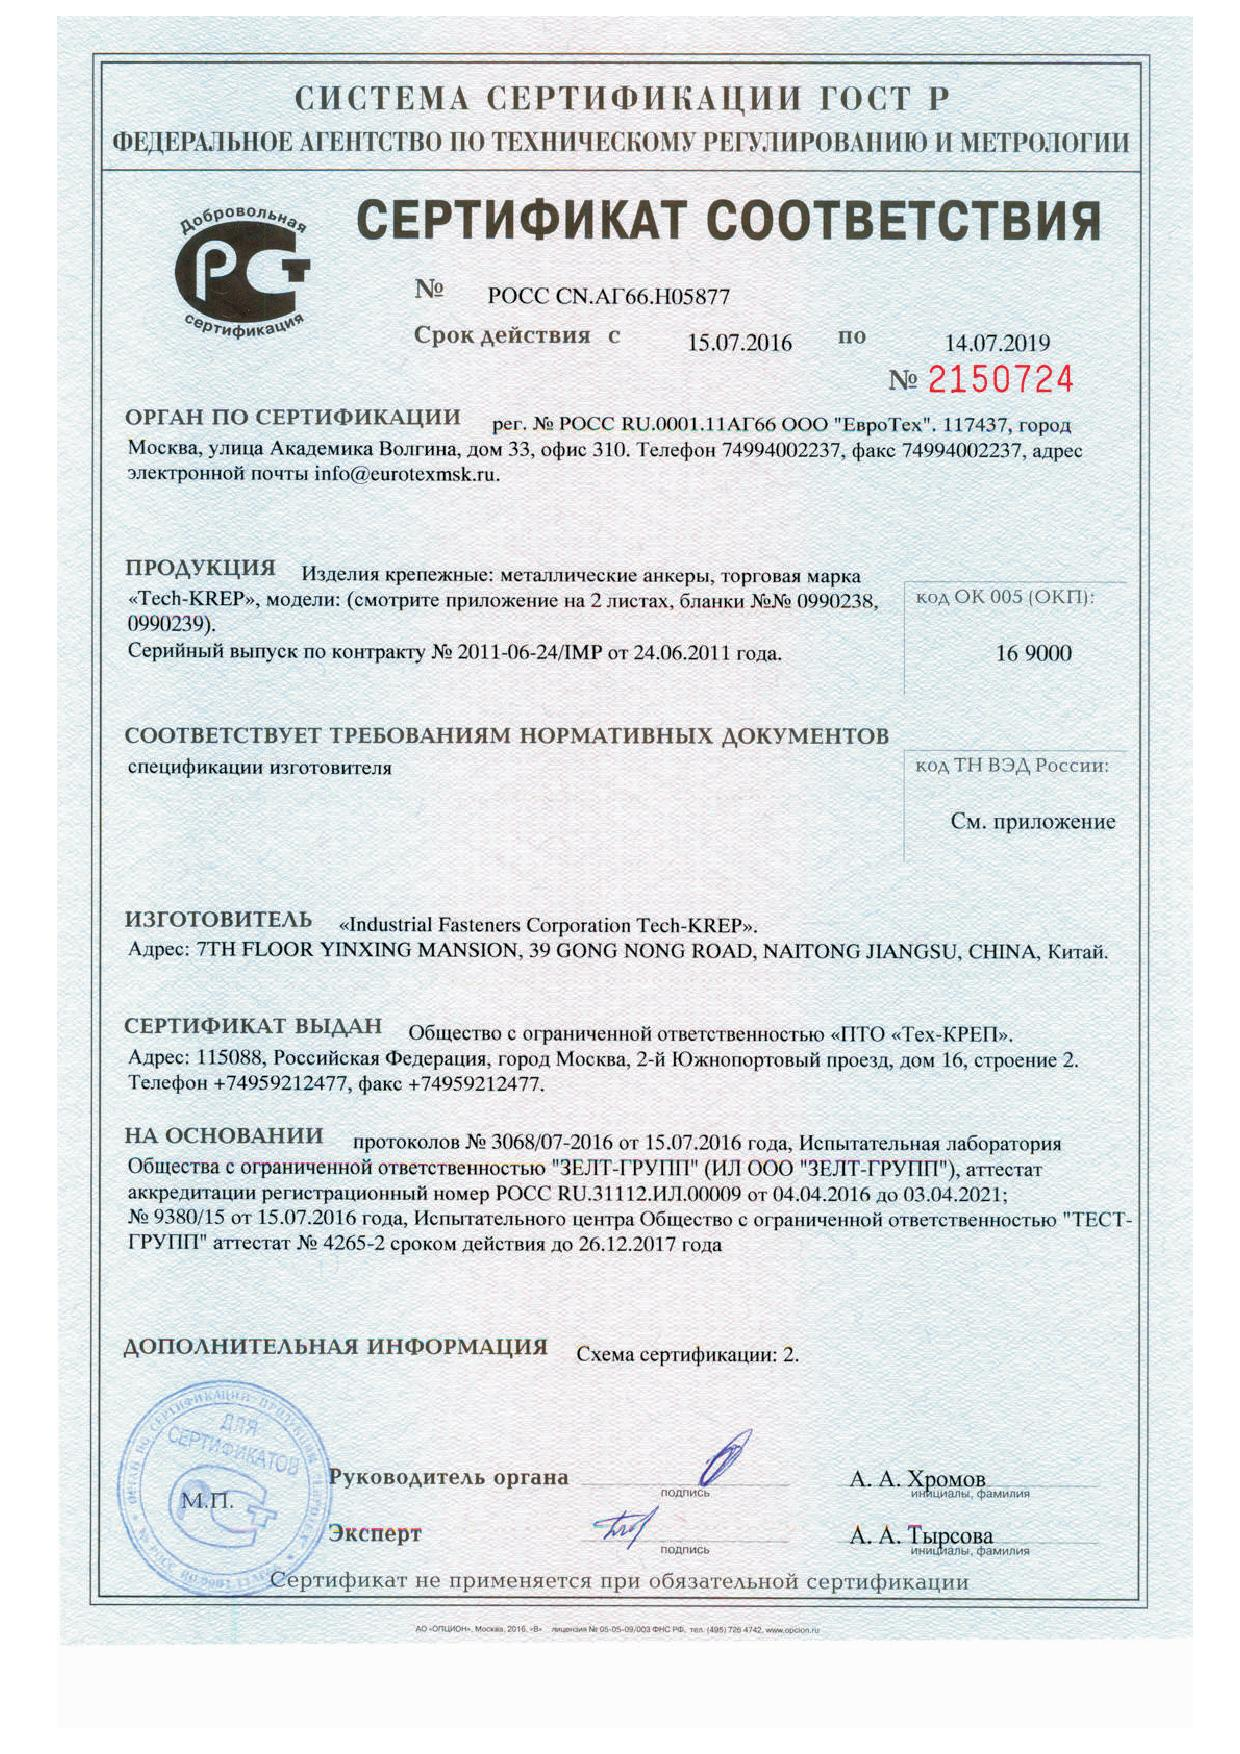 Сертификат гост насос сд сертификат исо 9001 гост р